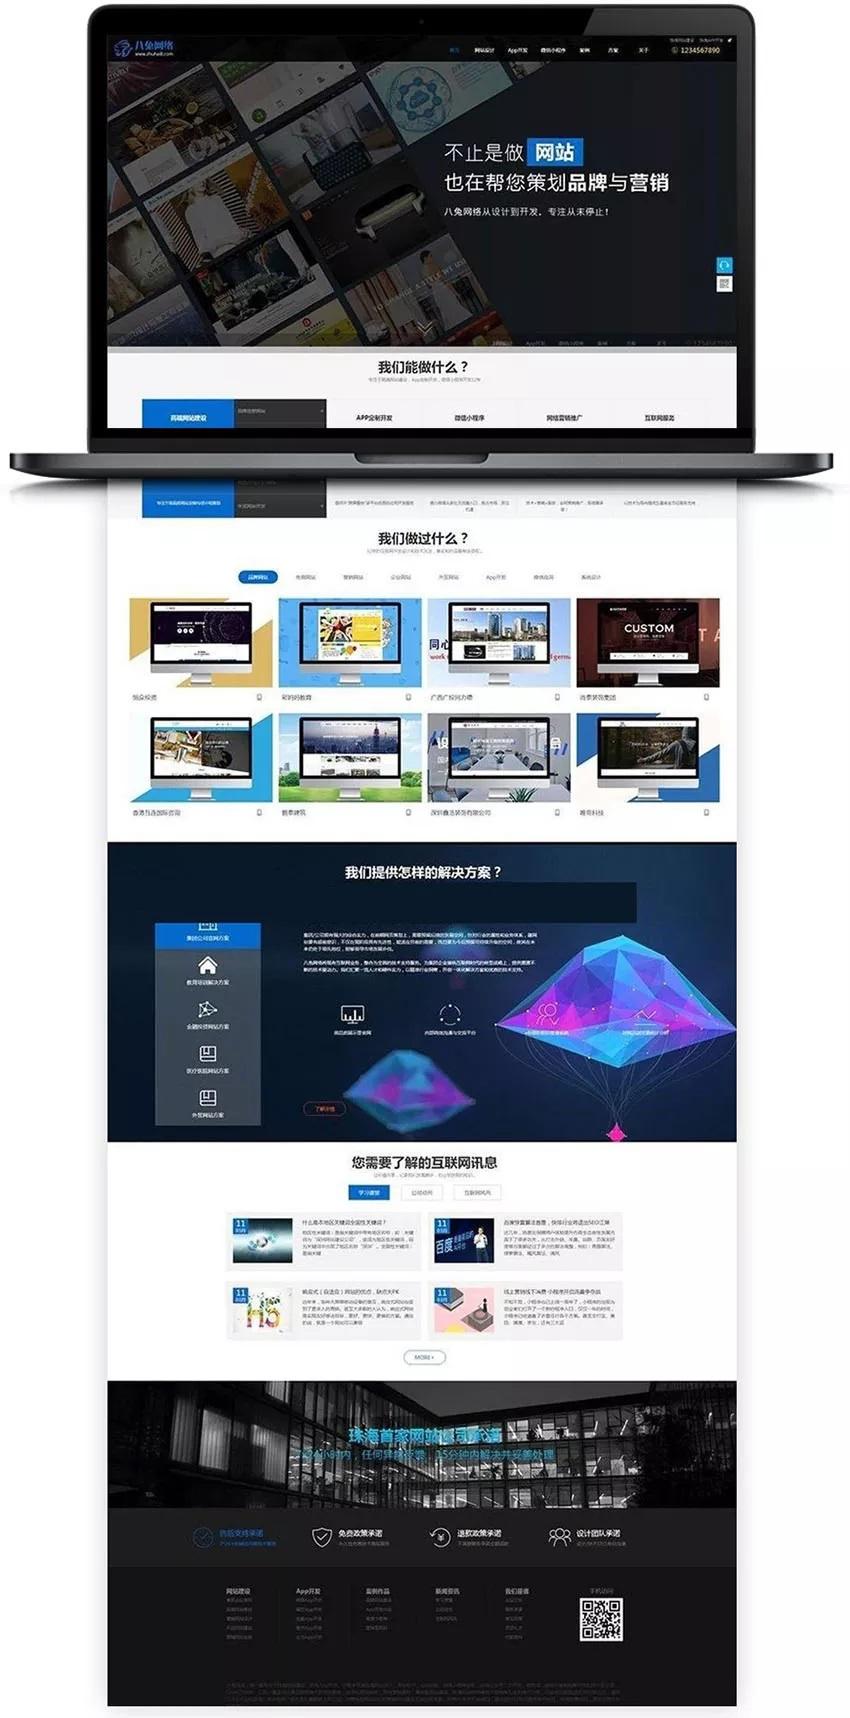 帝国CMS大气高科技感网站建设企业模板 自适应建站公司网站源码-图1